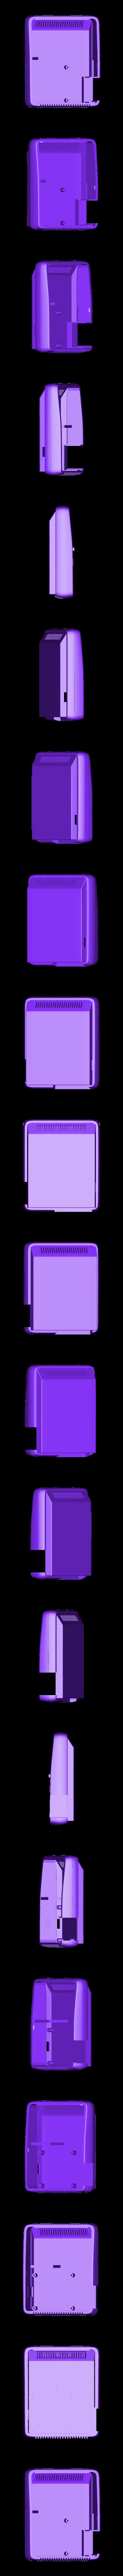 snes_body_doks.stl Télécharger fichier STL gratuit Snes Mini Raspberry Pi • Plan pour imprimante 3D, dukedoks